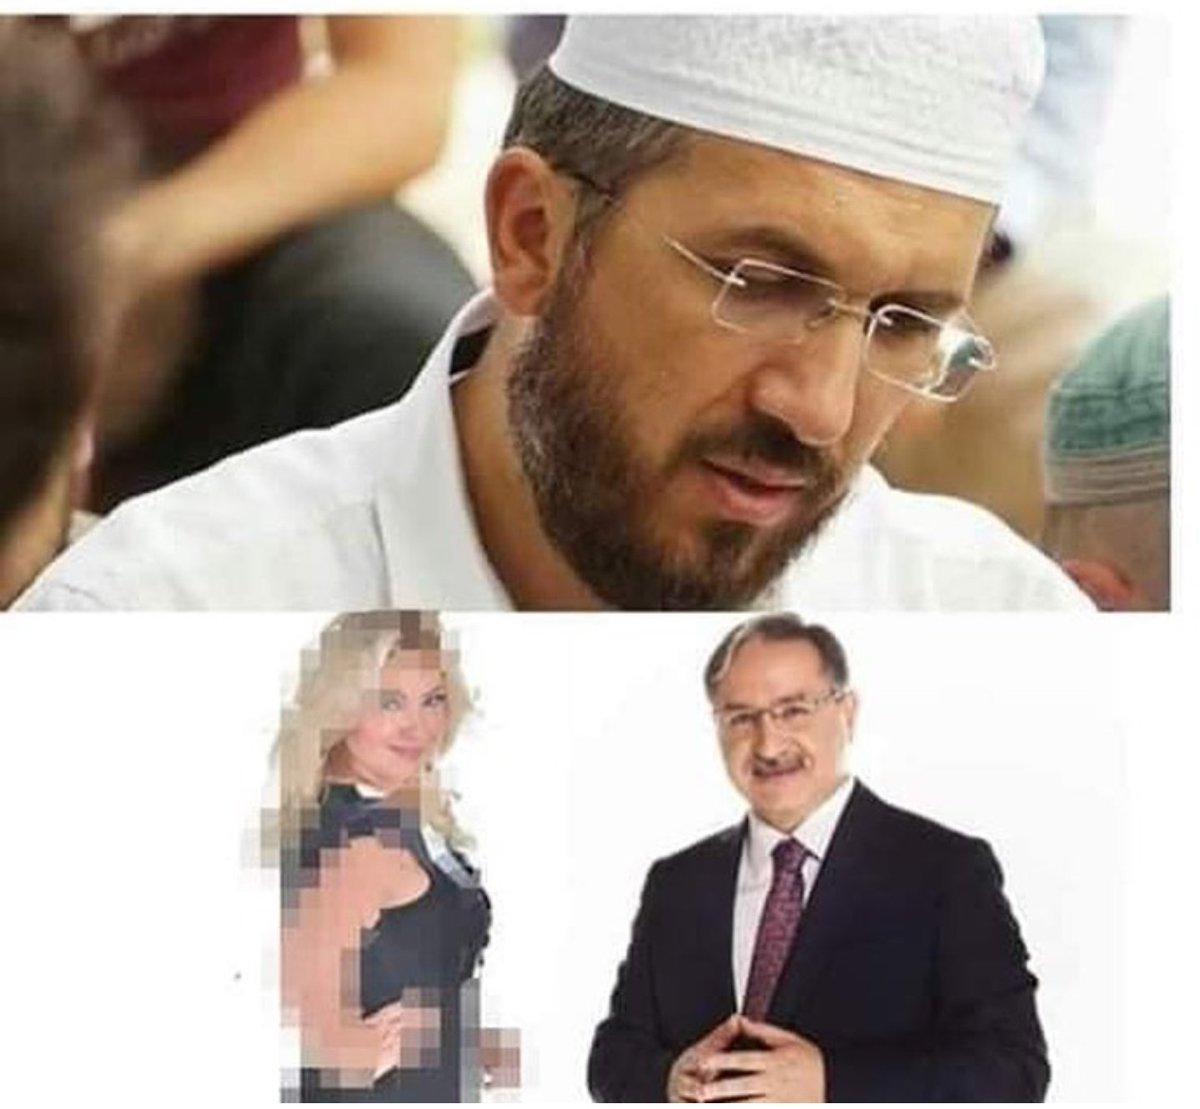 Biri kadının pantolon giymesi haramdır dedi Diyanetten kovuldu.(istifa etti)  Diğeri mini etekli kadınlarla dini program yaptı, Diyanet başkanlığı Baş Müşaviri oldu!... #ihsanşenocak @ihsansenocak